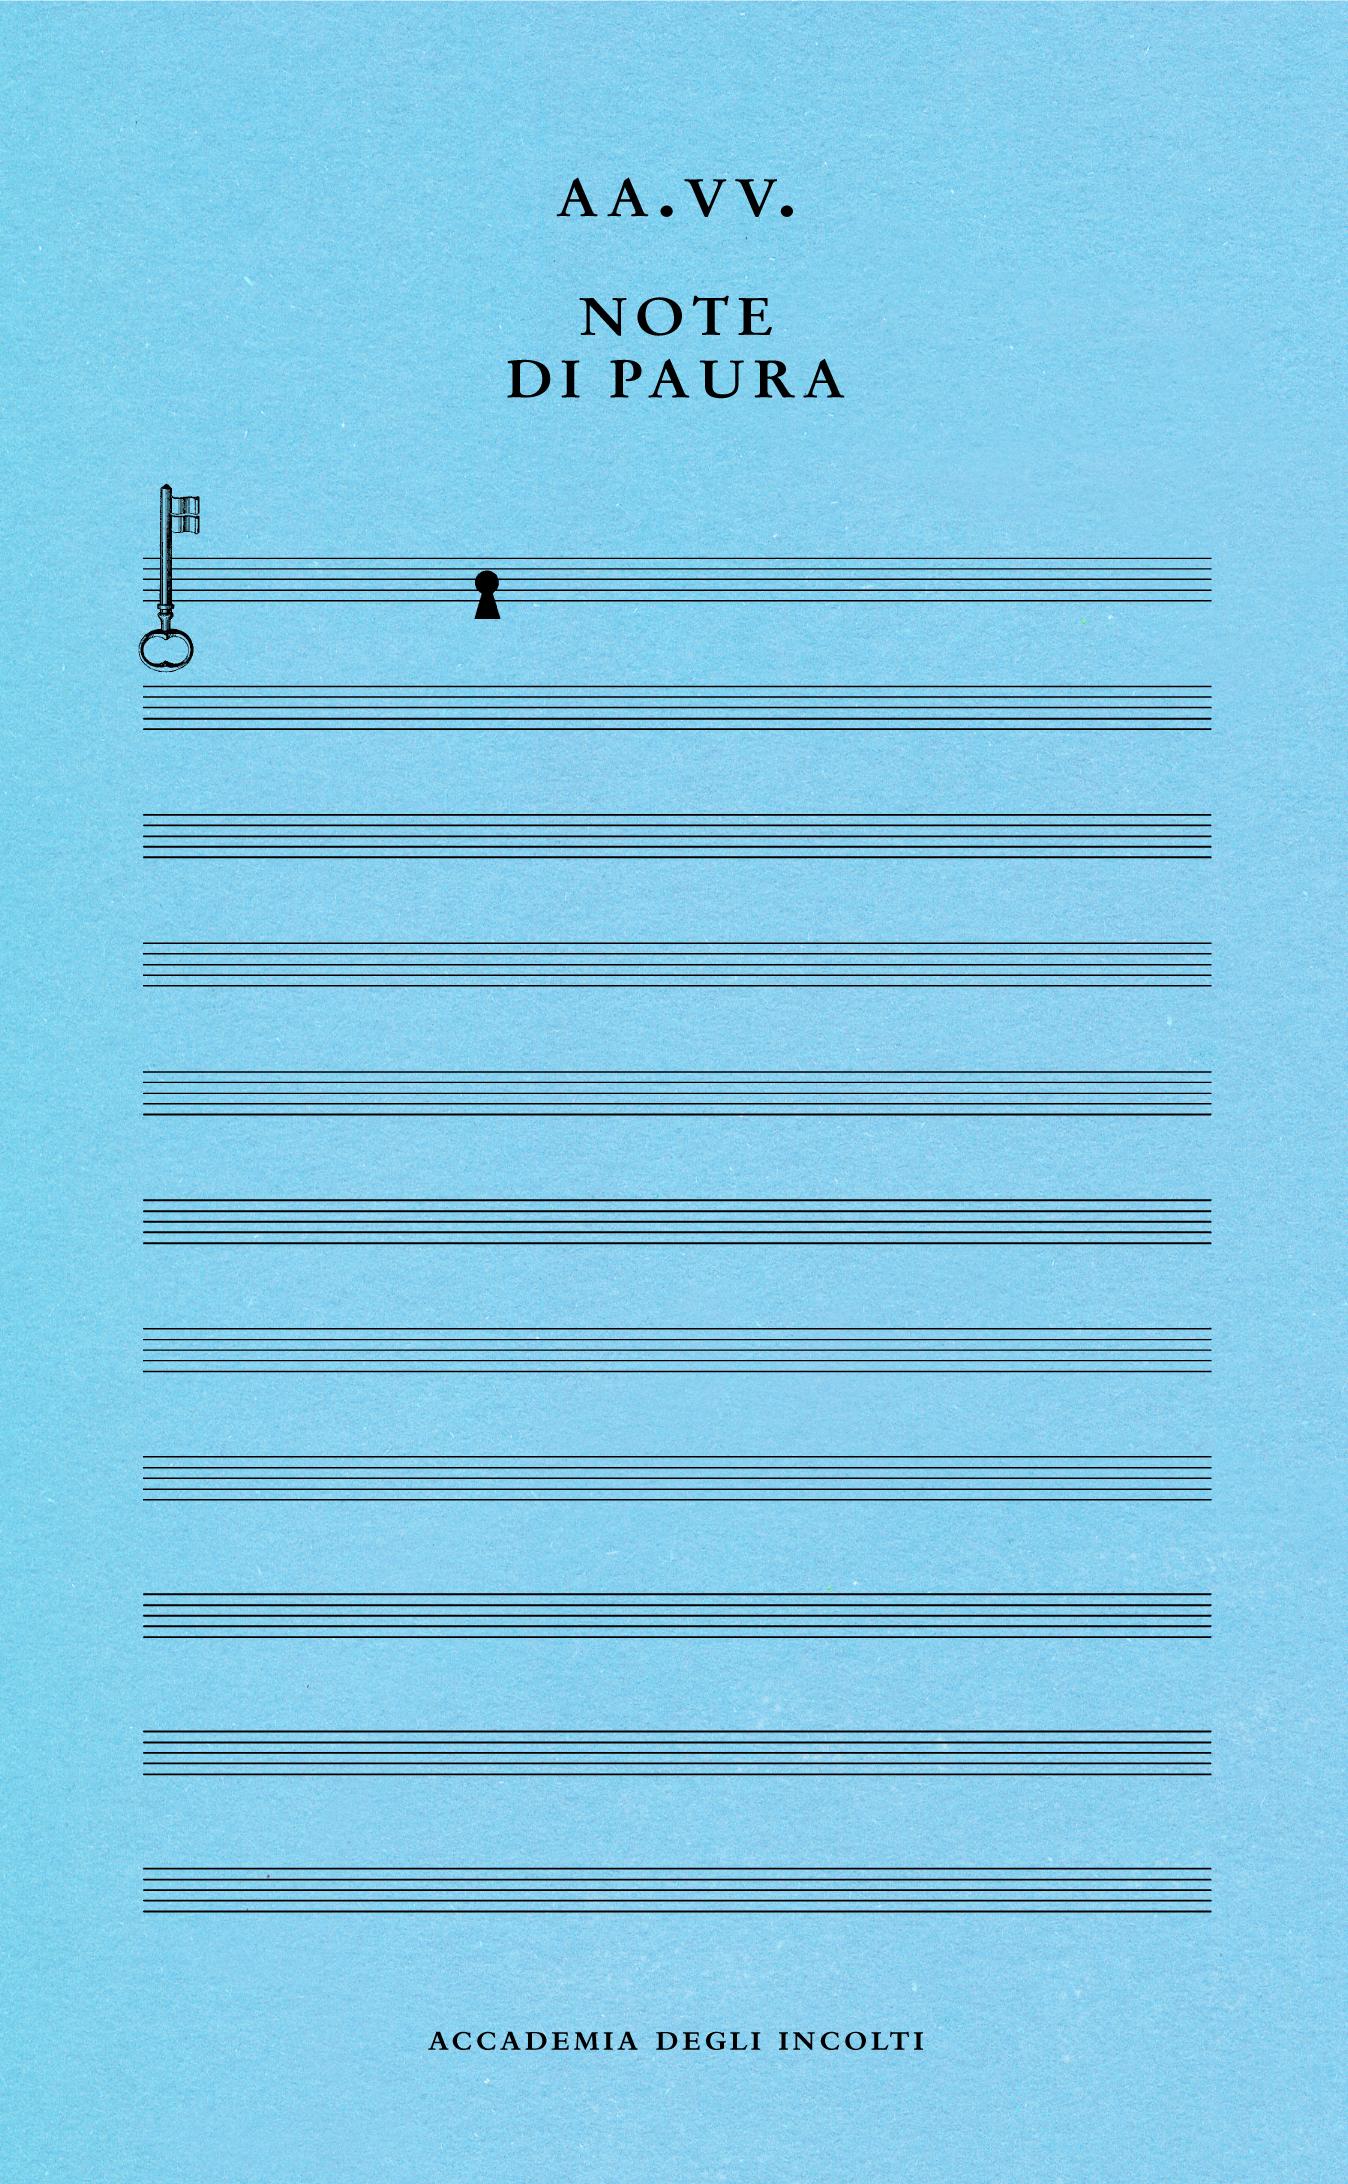 Italo Svevo Edizioni - Note di Paura - AA-VV